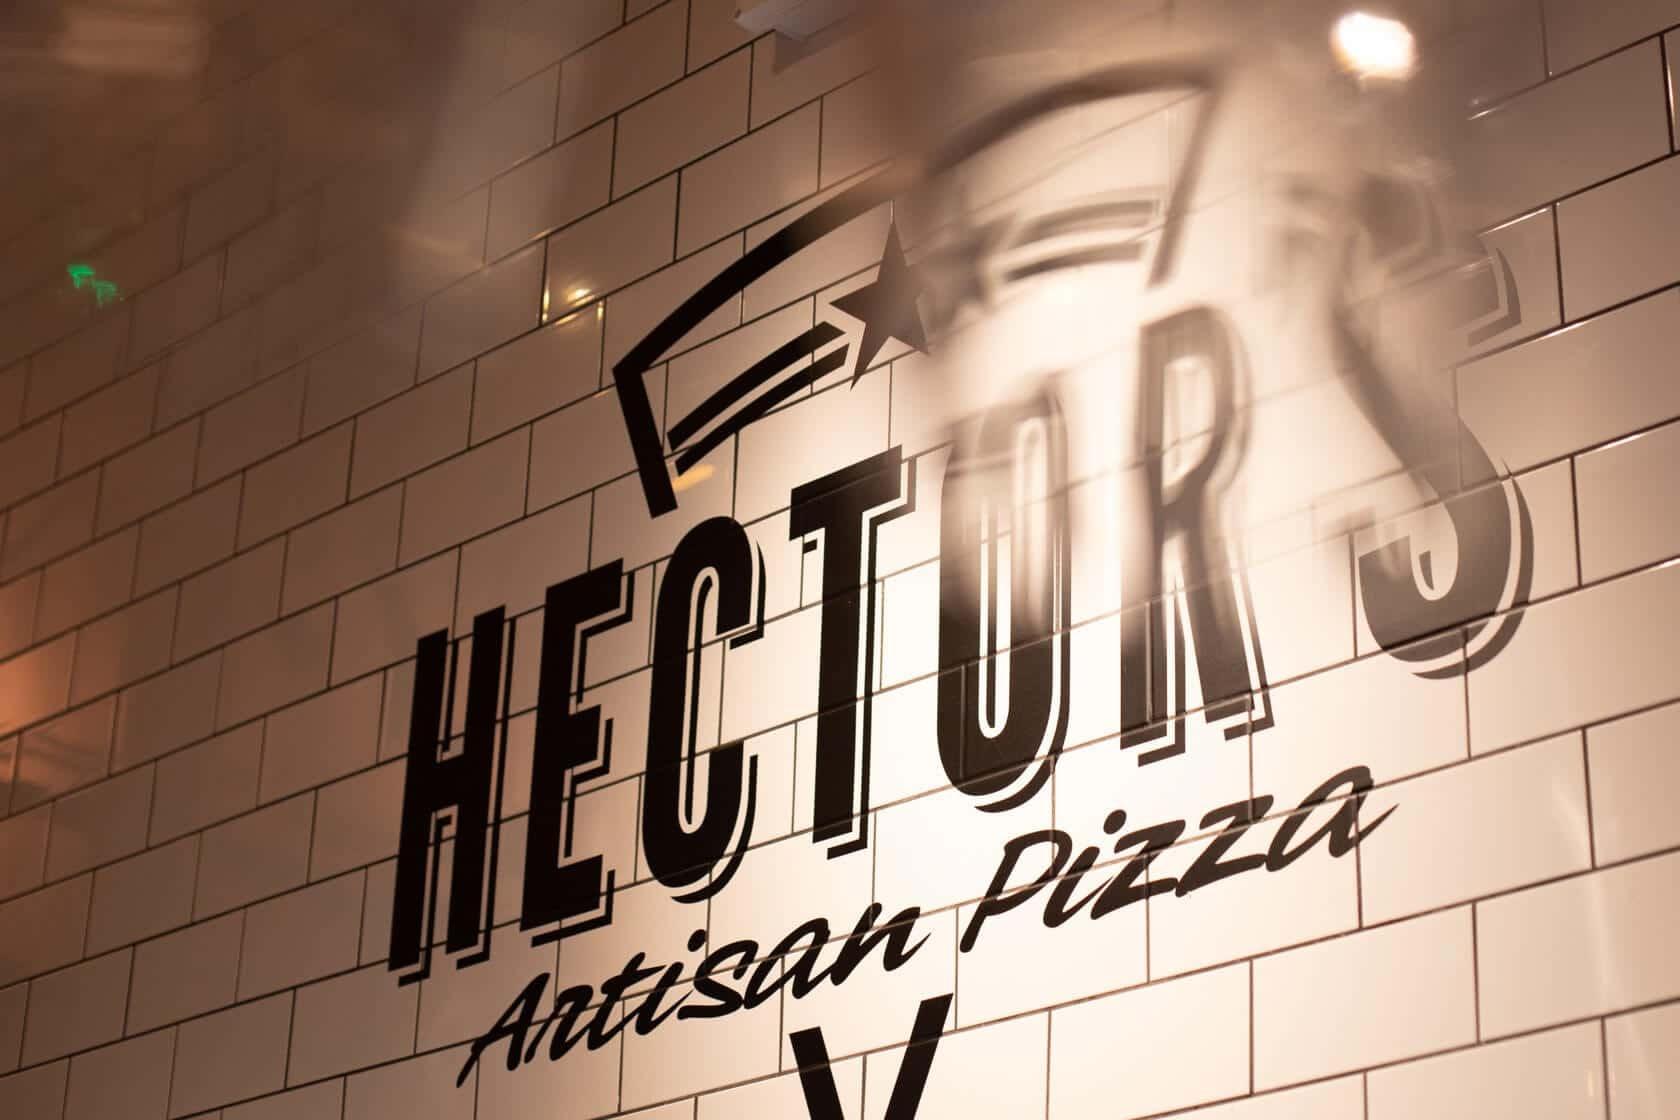 Hector's Artisan Pizza 14, Dunbar - C&G Development